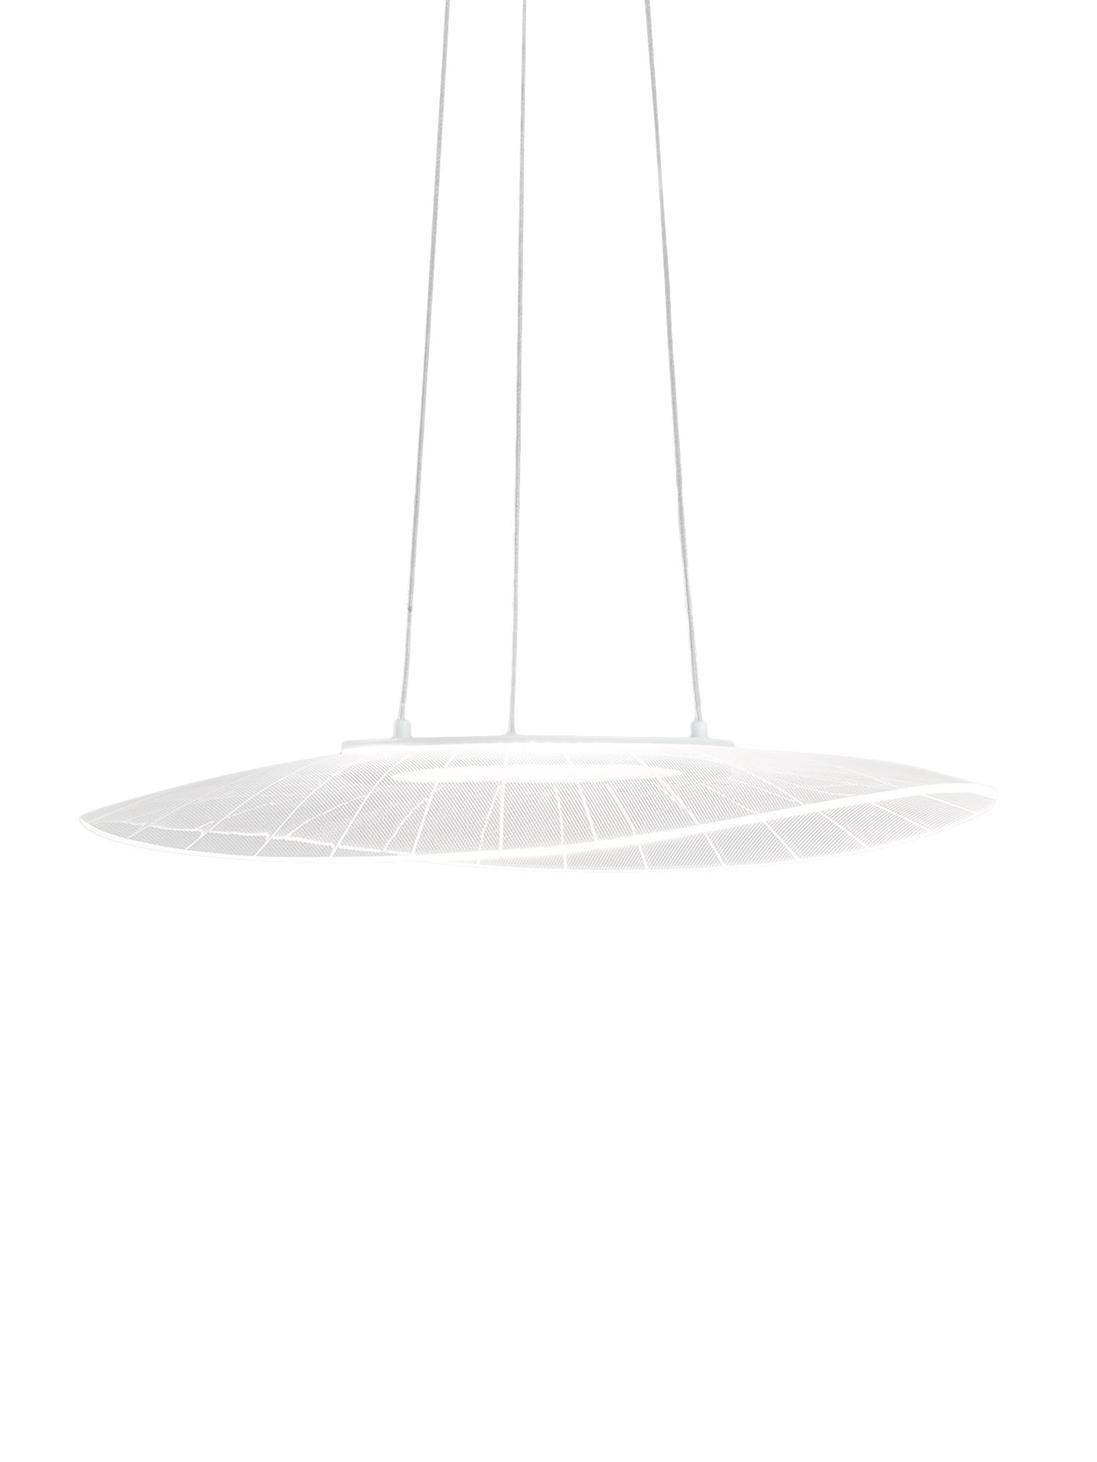 Design LED-Pendelleuchte Vela, Lampenschirm: Metall, Methacrylat, Baldachin: Metall, beschichtet, Weiß, 59 x 200 cm